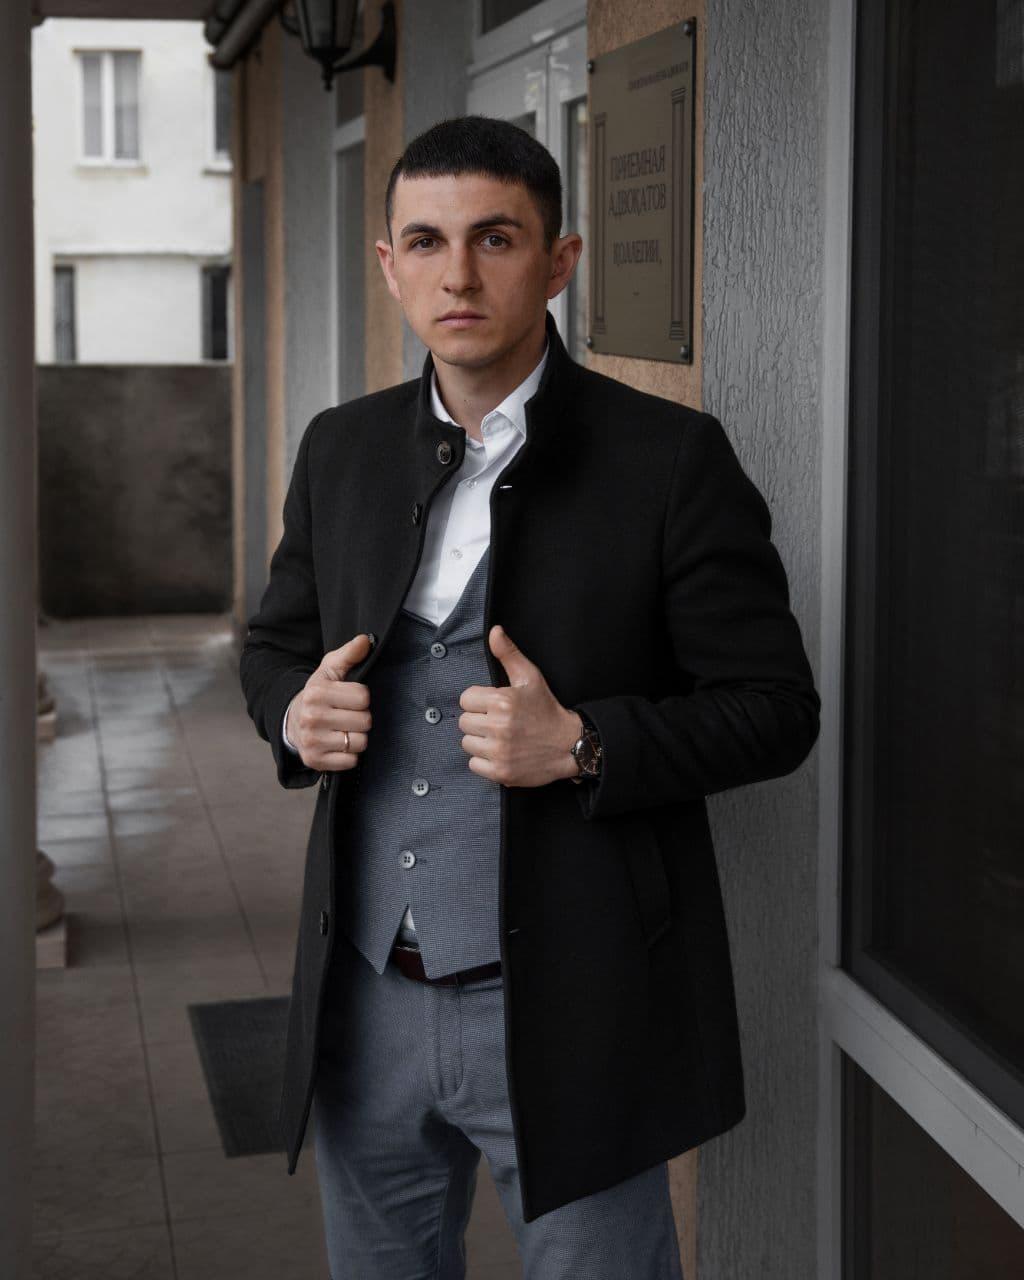 Арбитражный адвокат в Симферополе. Гусейнов Ильхам